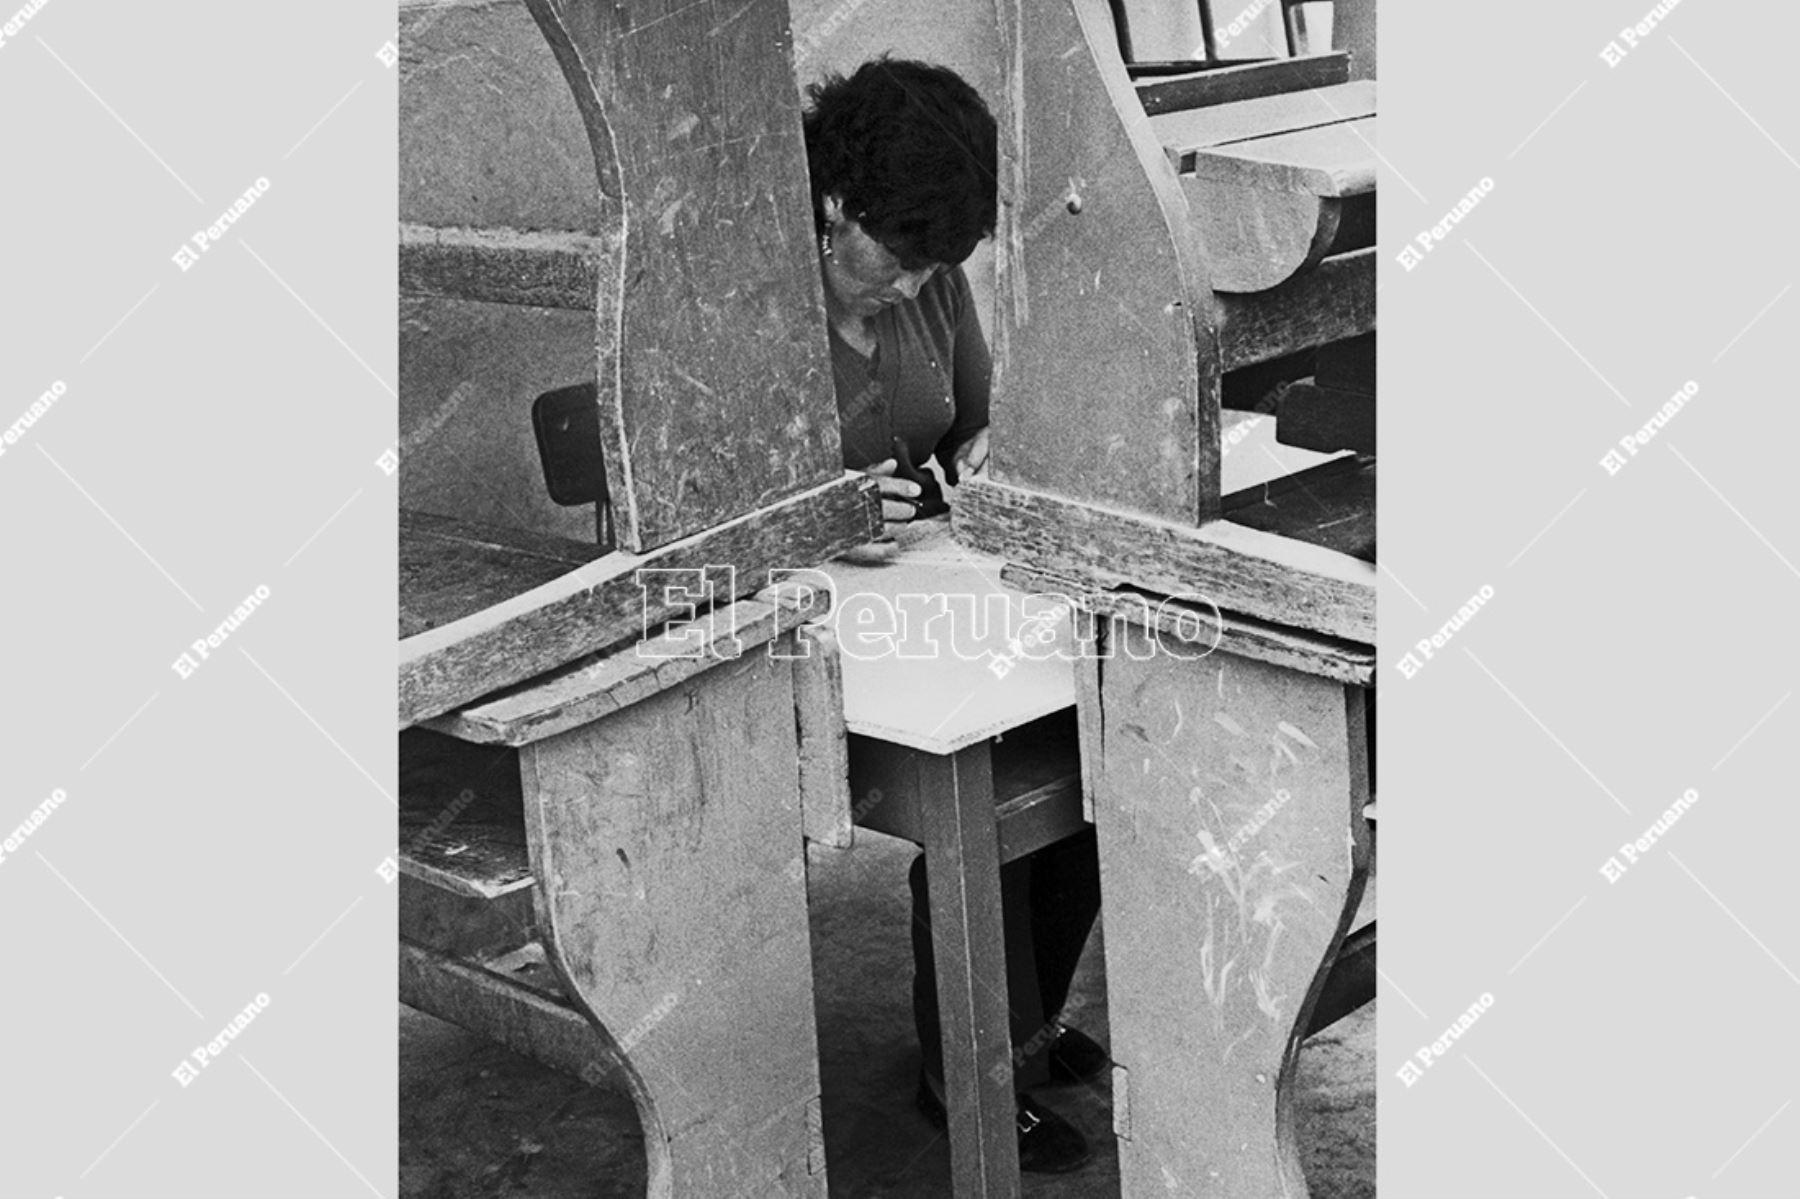 Lima - 13 noviembre 1983 / Una mujer en la cámara secreta de un centro de votación en las elecciones municipales de 1983. Foto: Archivo Histórico de El Peruano / Pavel Marrul